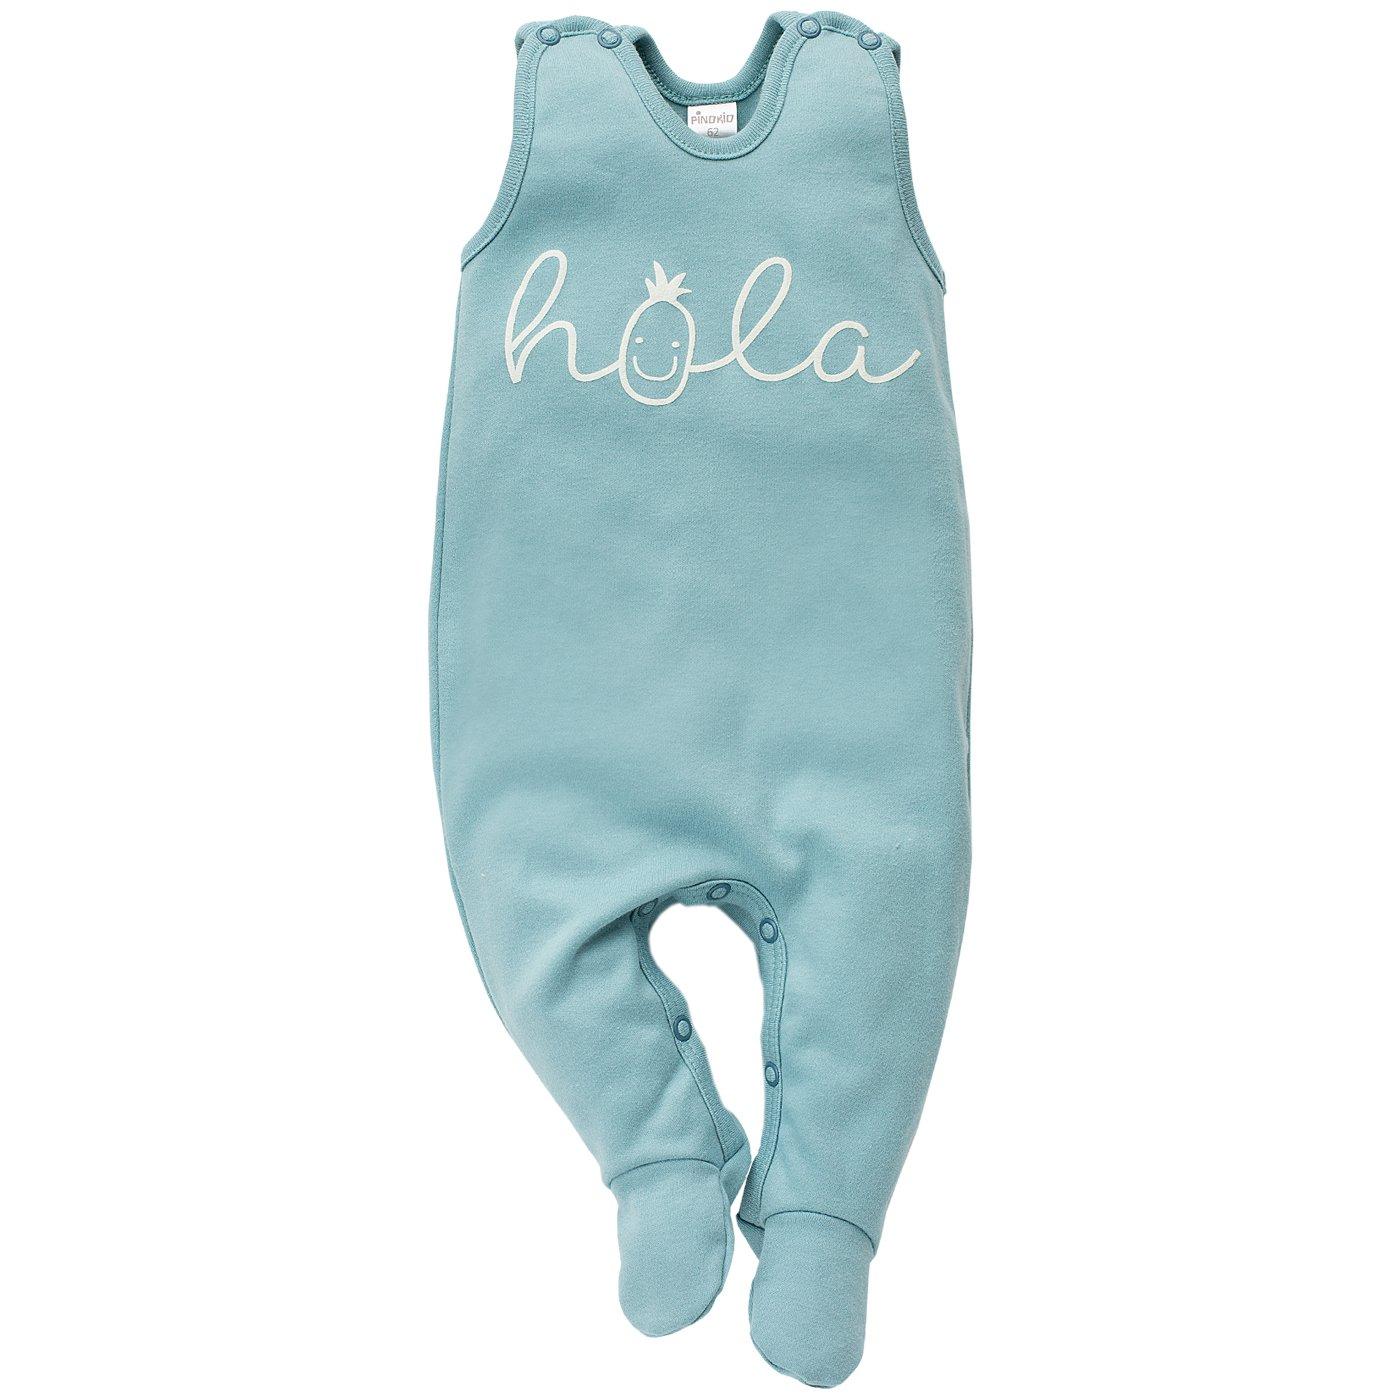 Pinokio - Leon - Baby Mädchen Strampler Baumwolle, Türkis mit Ananas Weiß Hola, Strampelanzug Schlafanzug, Mädchen Jungen Unisex Mädchen Jungen Unisex